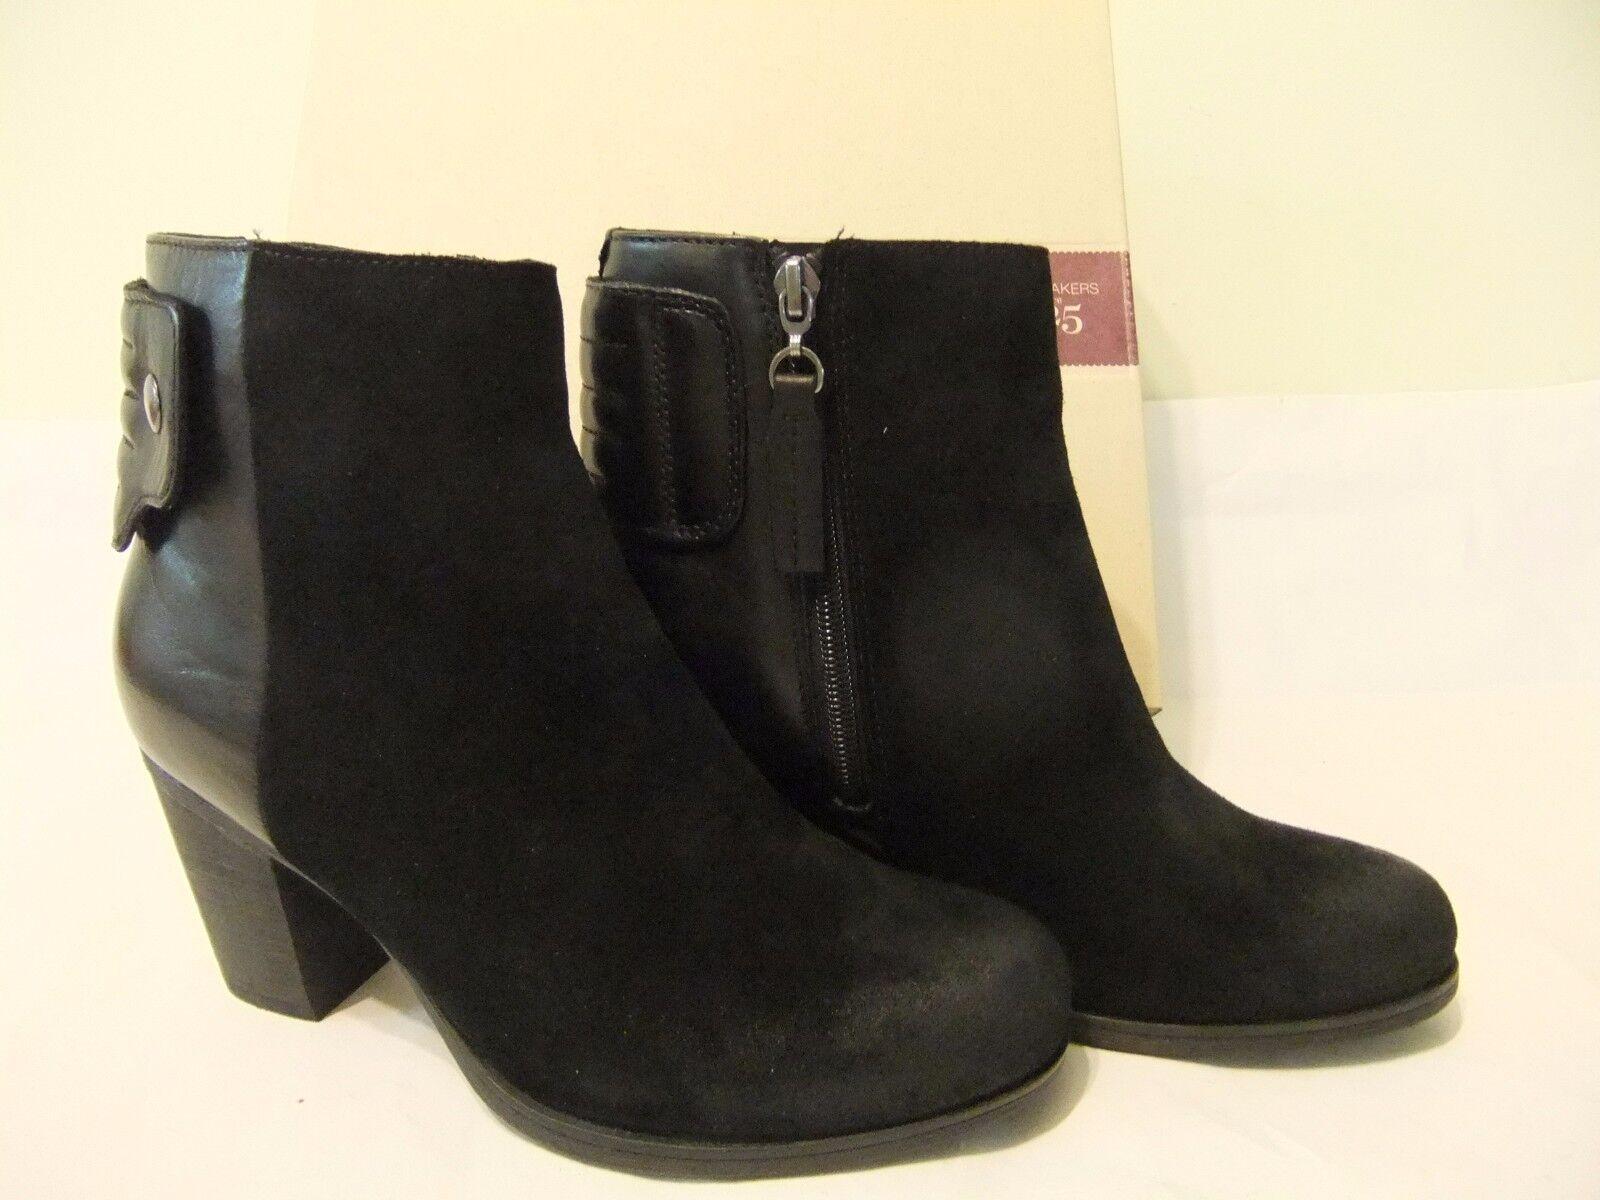 Clarks Palma Rylie Negro Negro Negro de cuero de gamuza tobillo bota talla 8 EU 39 Nuevo En Caja  150  promociones emocionantes